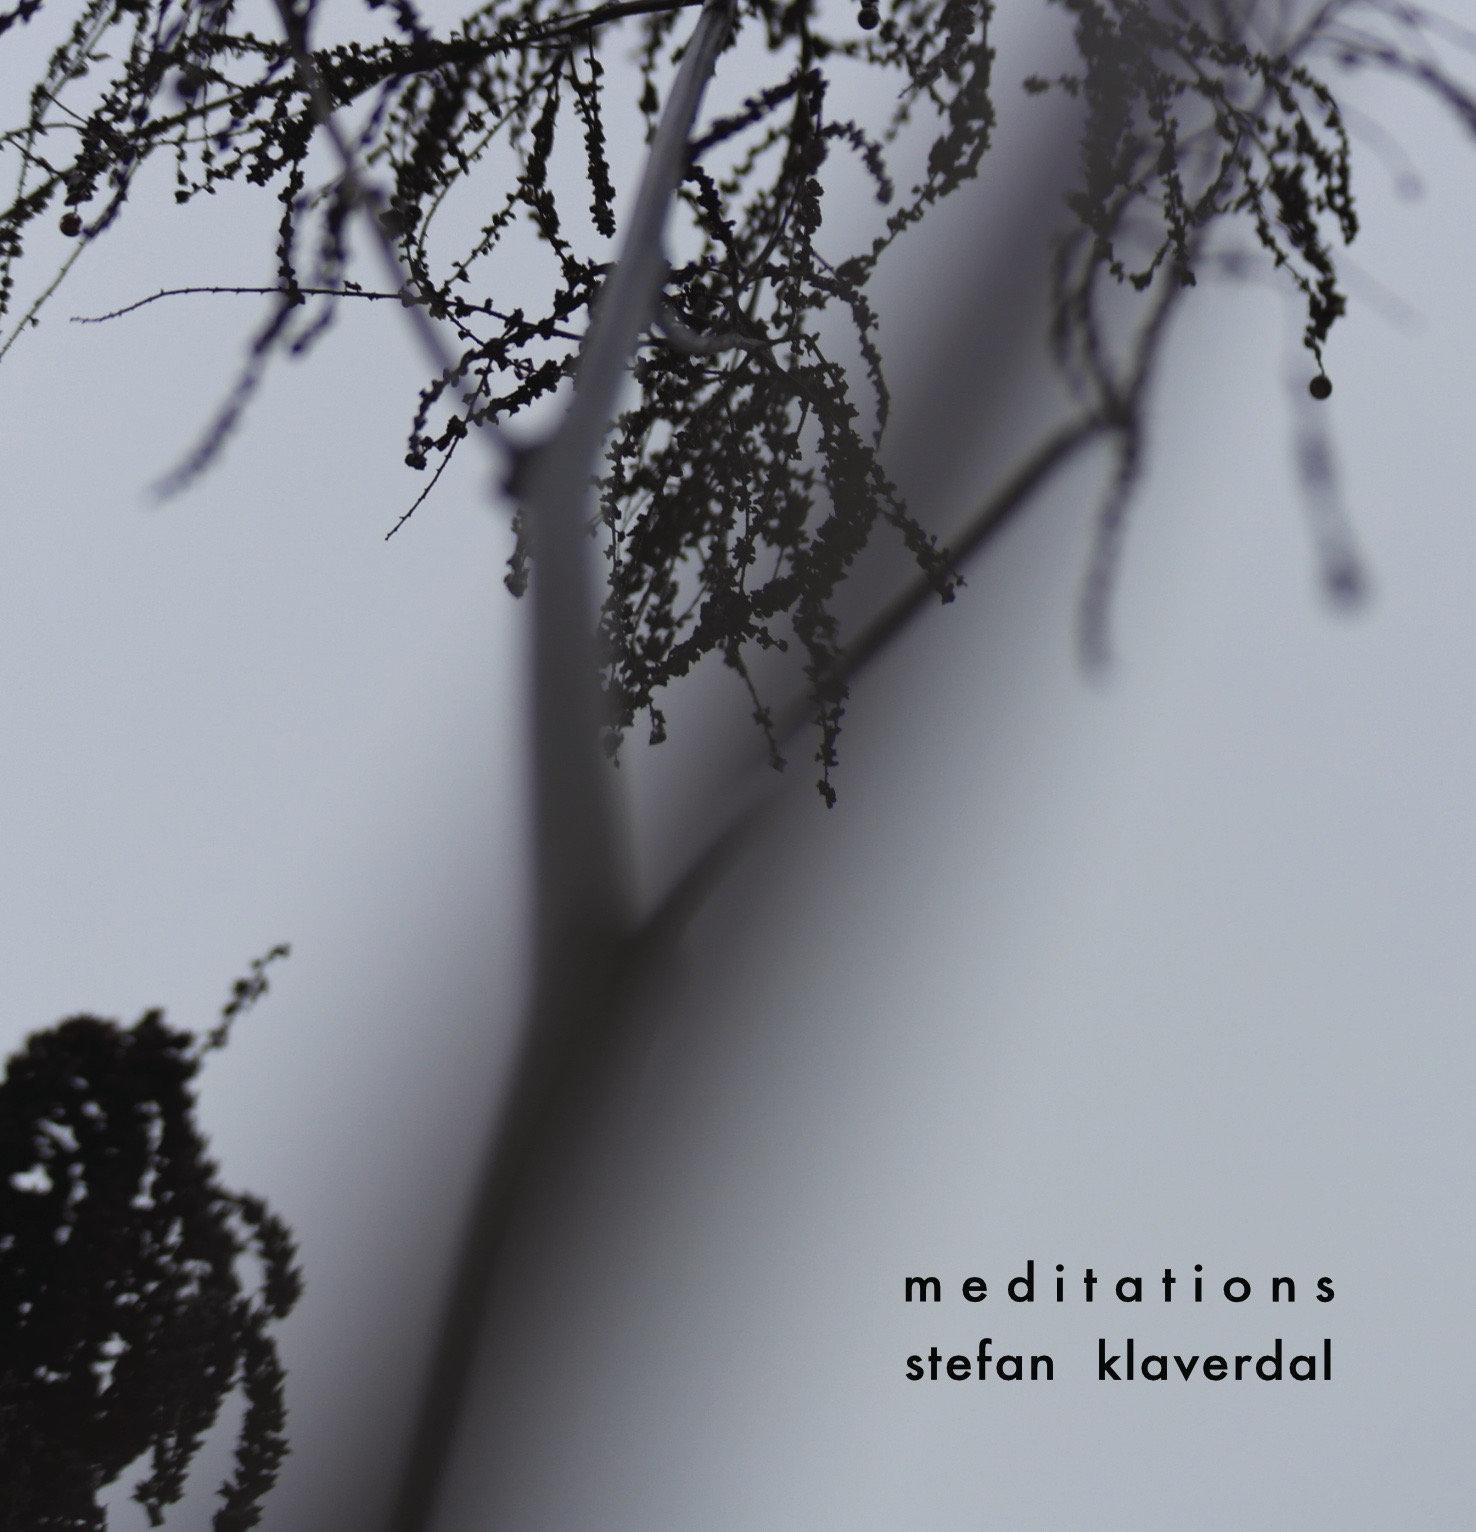 Stefan Klaverdal - Meditations.